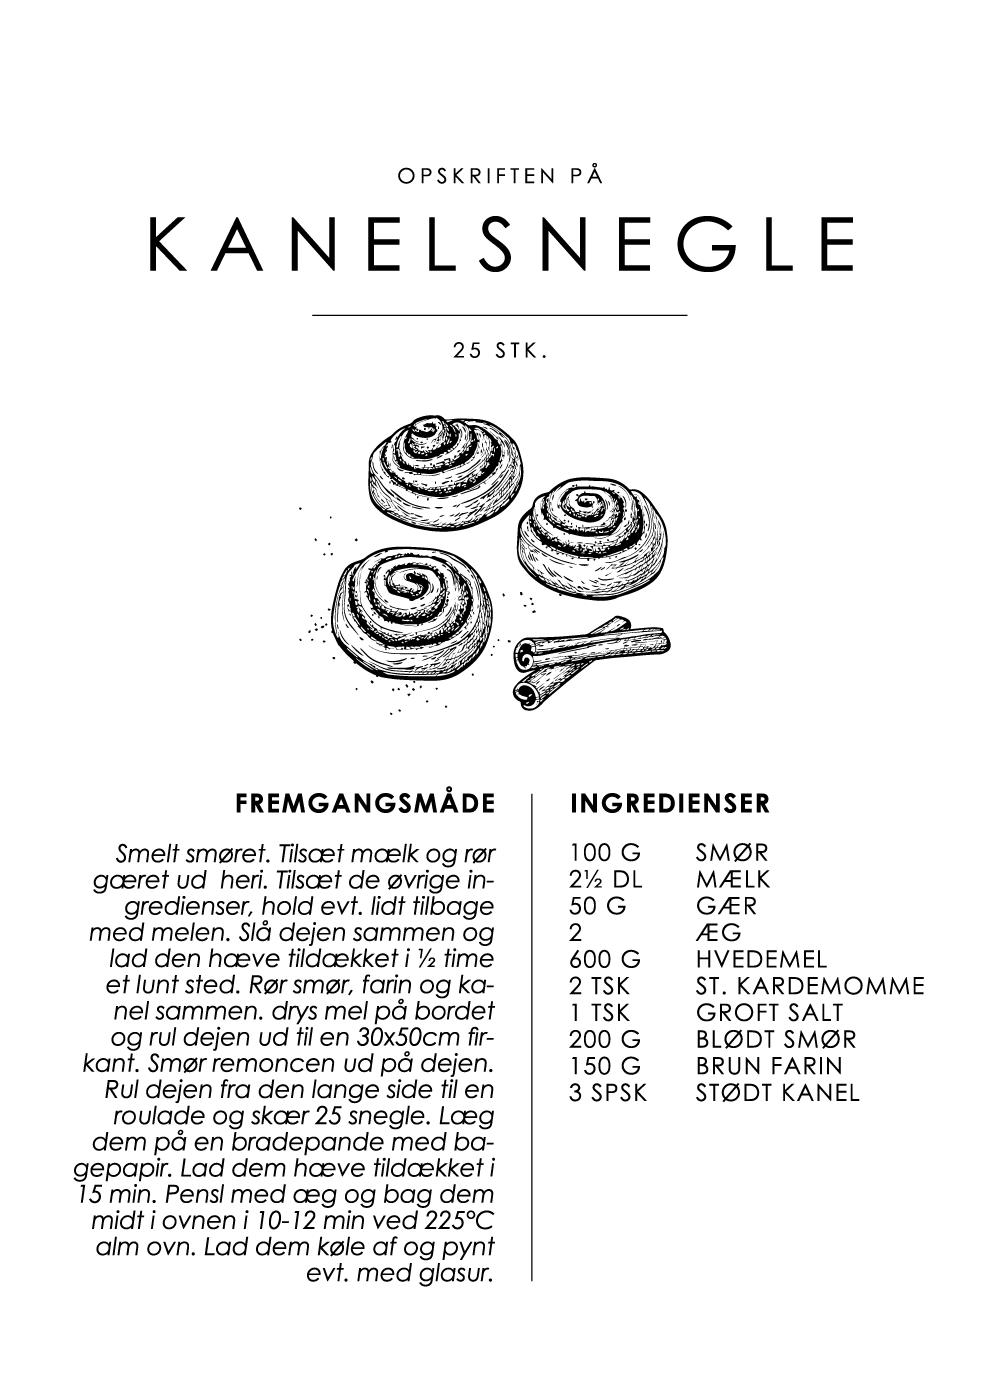 Billede af Kanelsnegle opskrift - Kage guide plakat